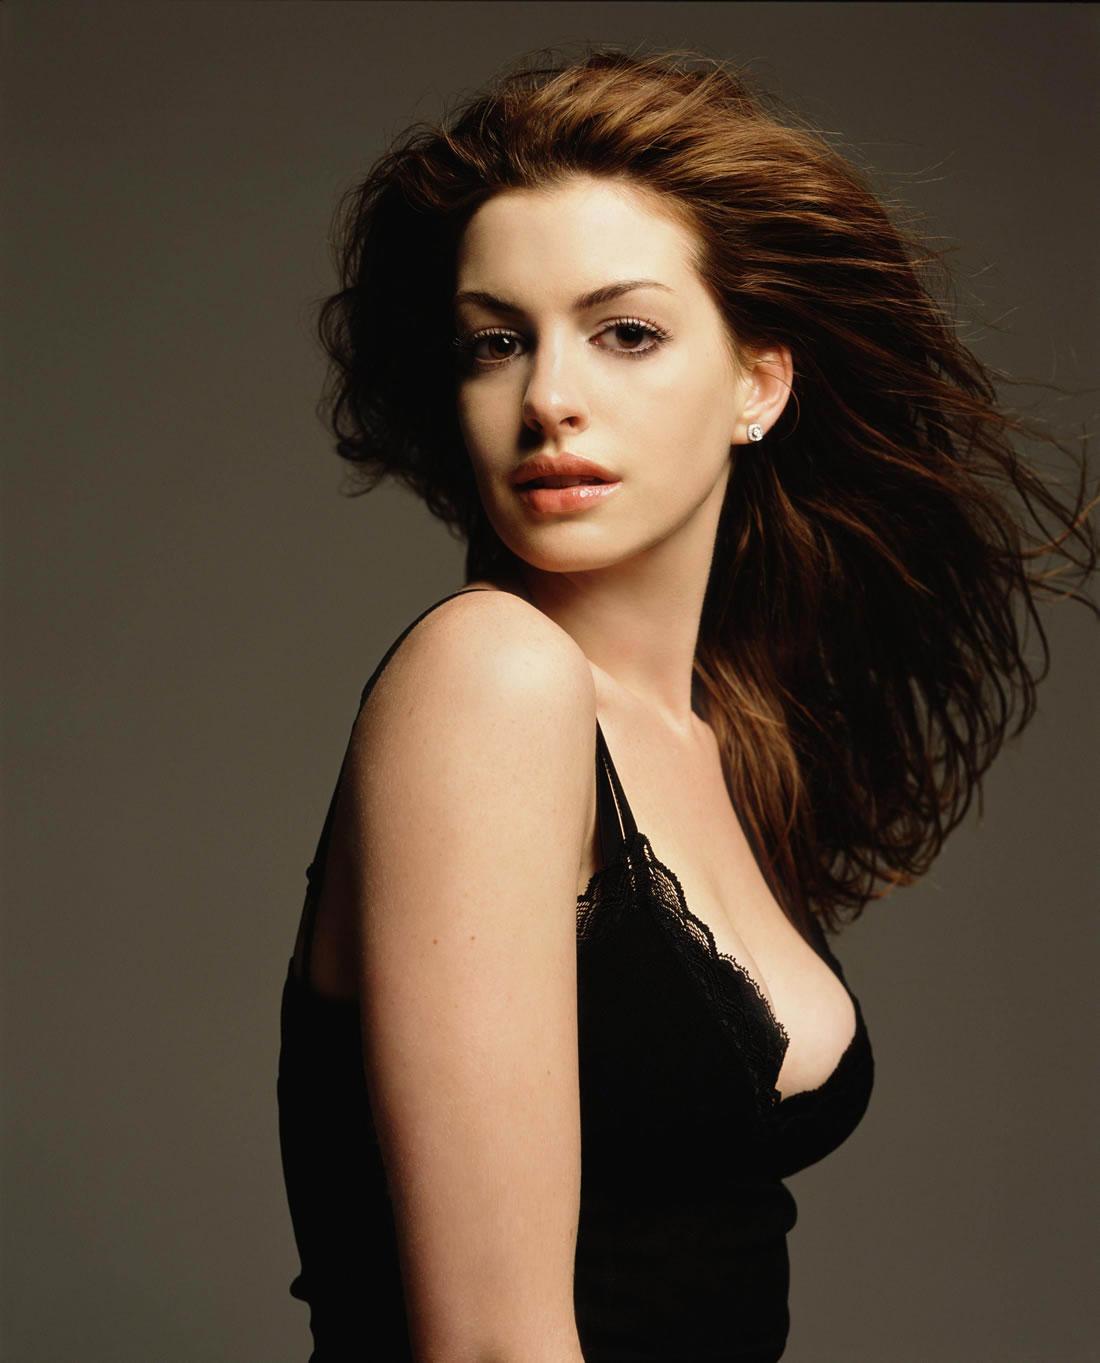 Nicole Austin model nude